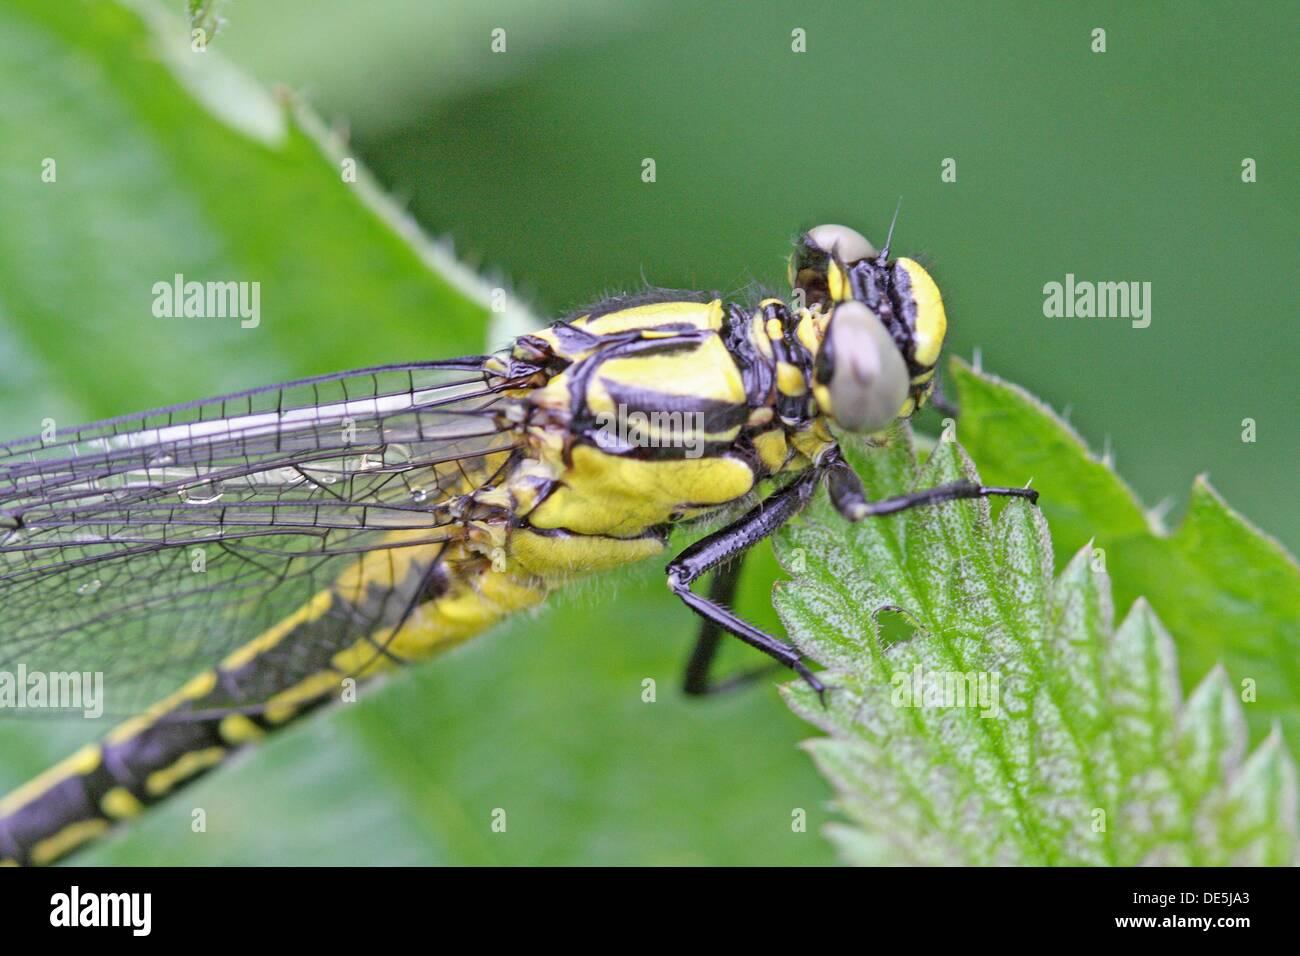 Frisch geschlüpfte gemeinsame Clubtail von Exuvia Oberkörper klammert sich an Blatt Flügel Brennnessel erweiterte aber Entwässerung Wassertropfen können Stockbild